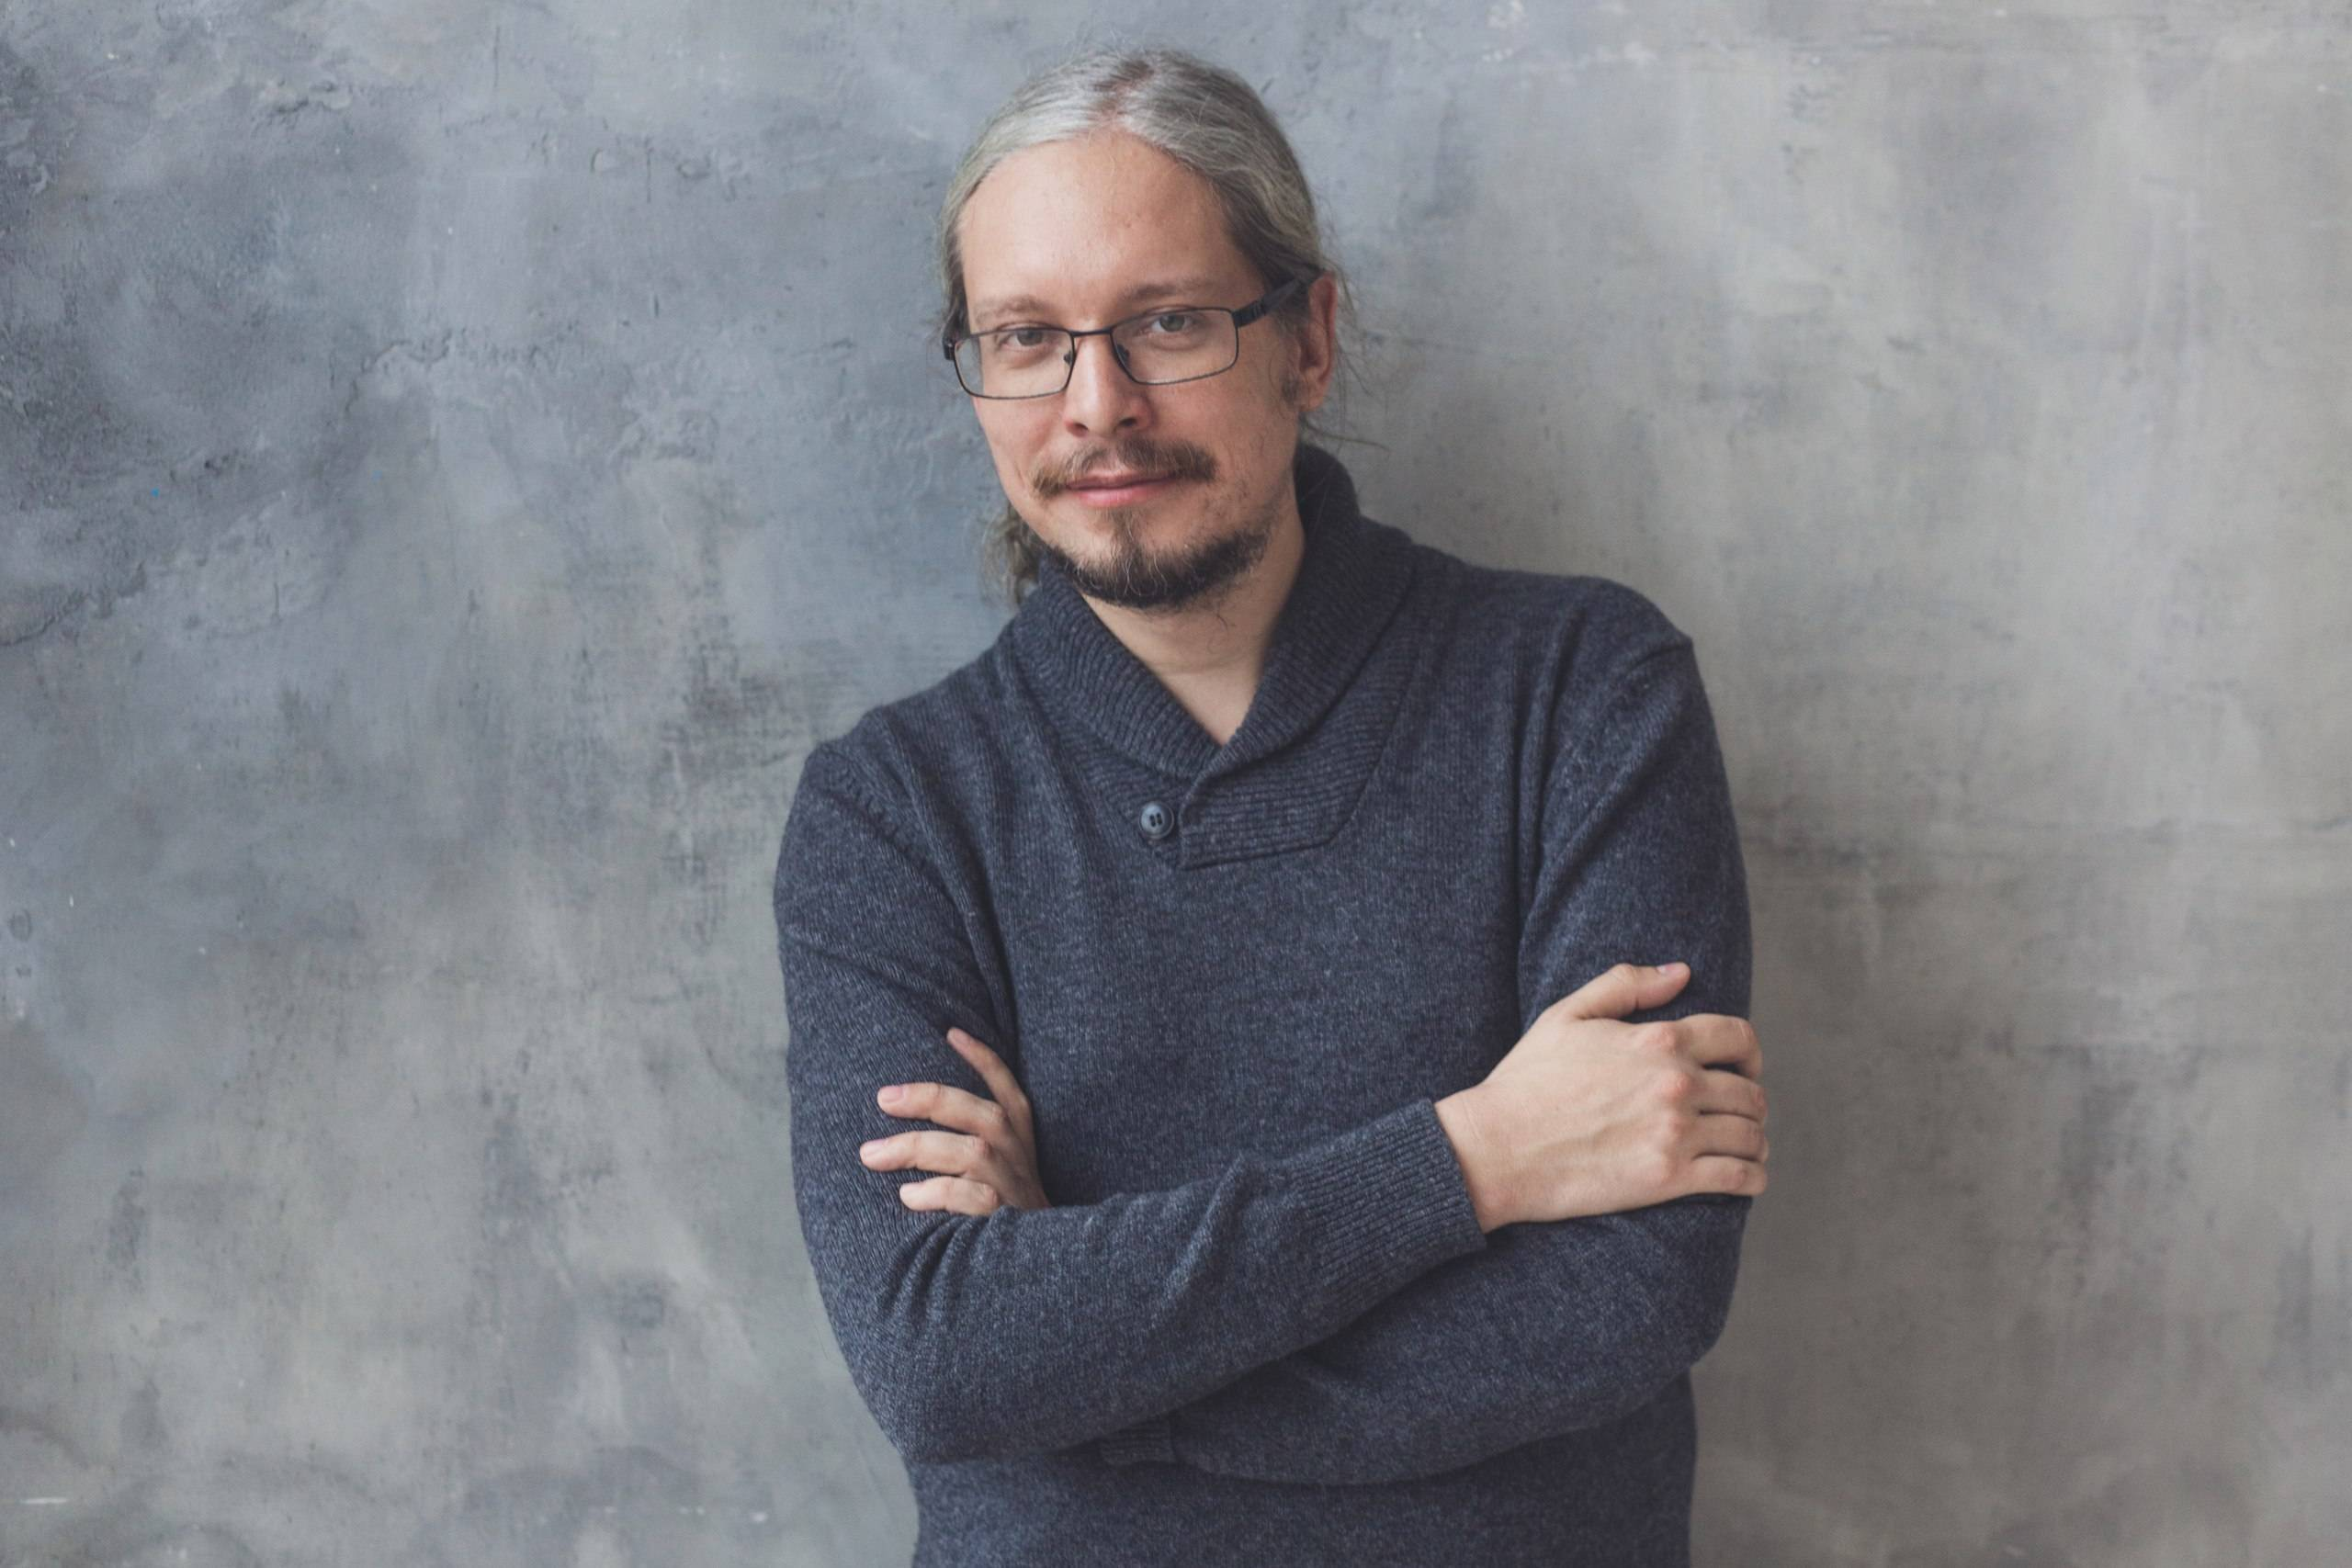 Интервью с Дмитрием Румянцевым: тенденции развития таргетированной рекламы